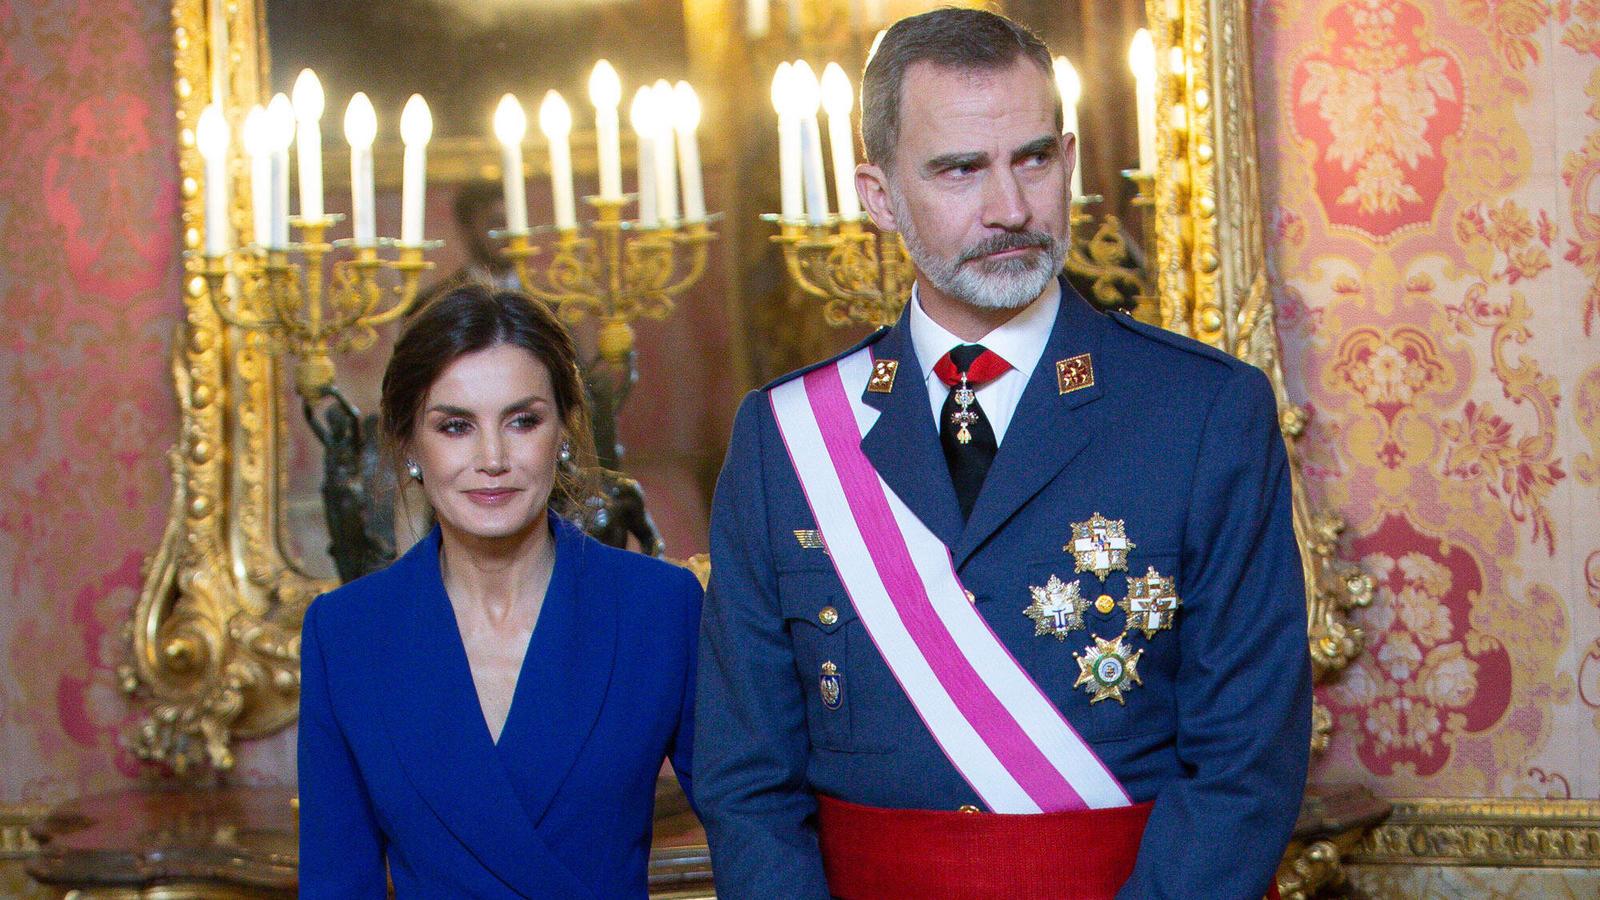 König Felipe VI und Königin Letizia von Spanien bei der Militärparade 2020